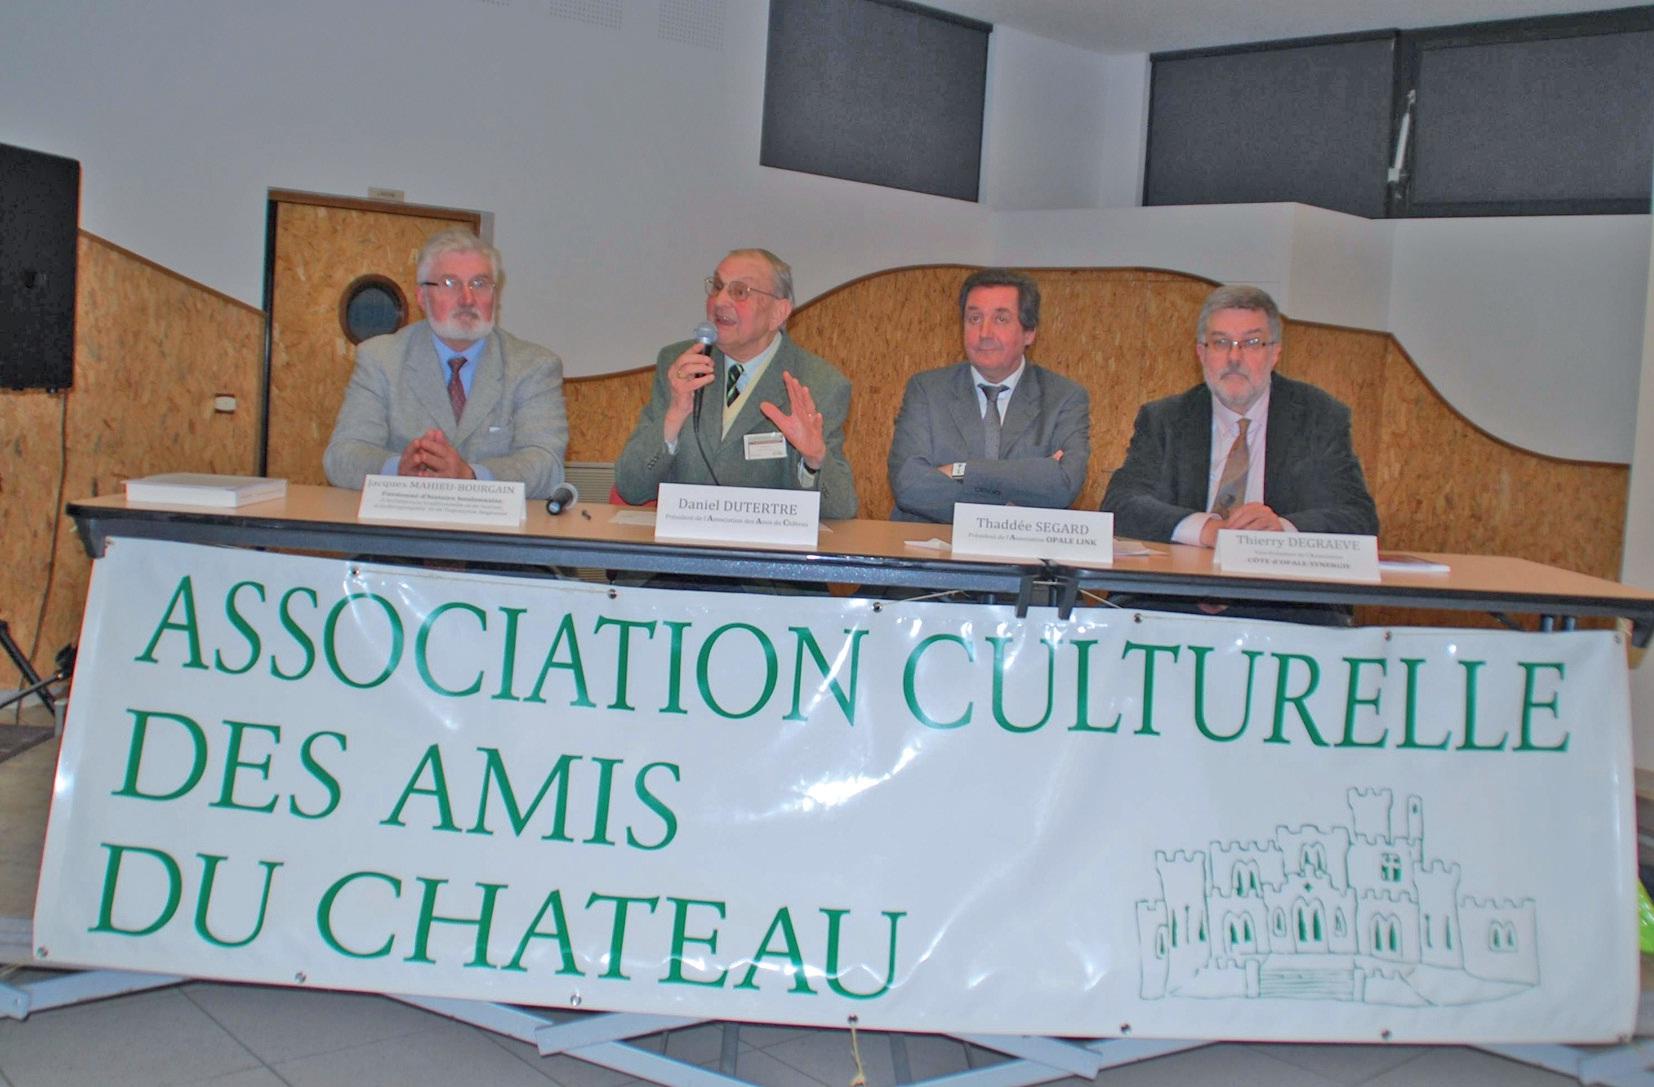 Jacques Mahieu-Bourgain, Daniel Dutertre (Amis du château de Condette), Thaddée Segard et Thierry Degraeve (de gauche à droite) ont plaidé en faveur d'une véritable culture transfrontalière entre le Kent et le Pas-de-Calais.